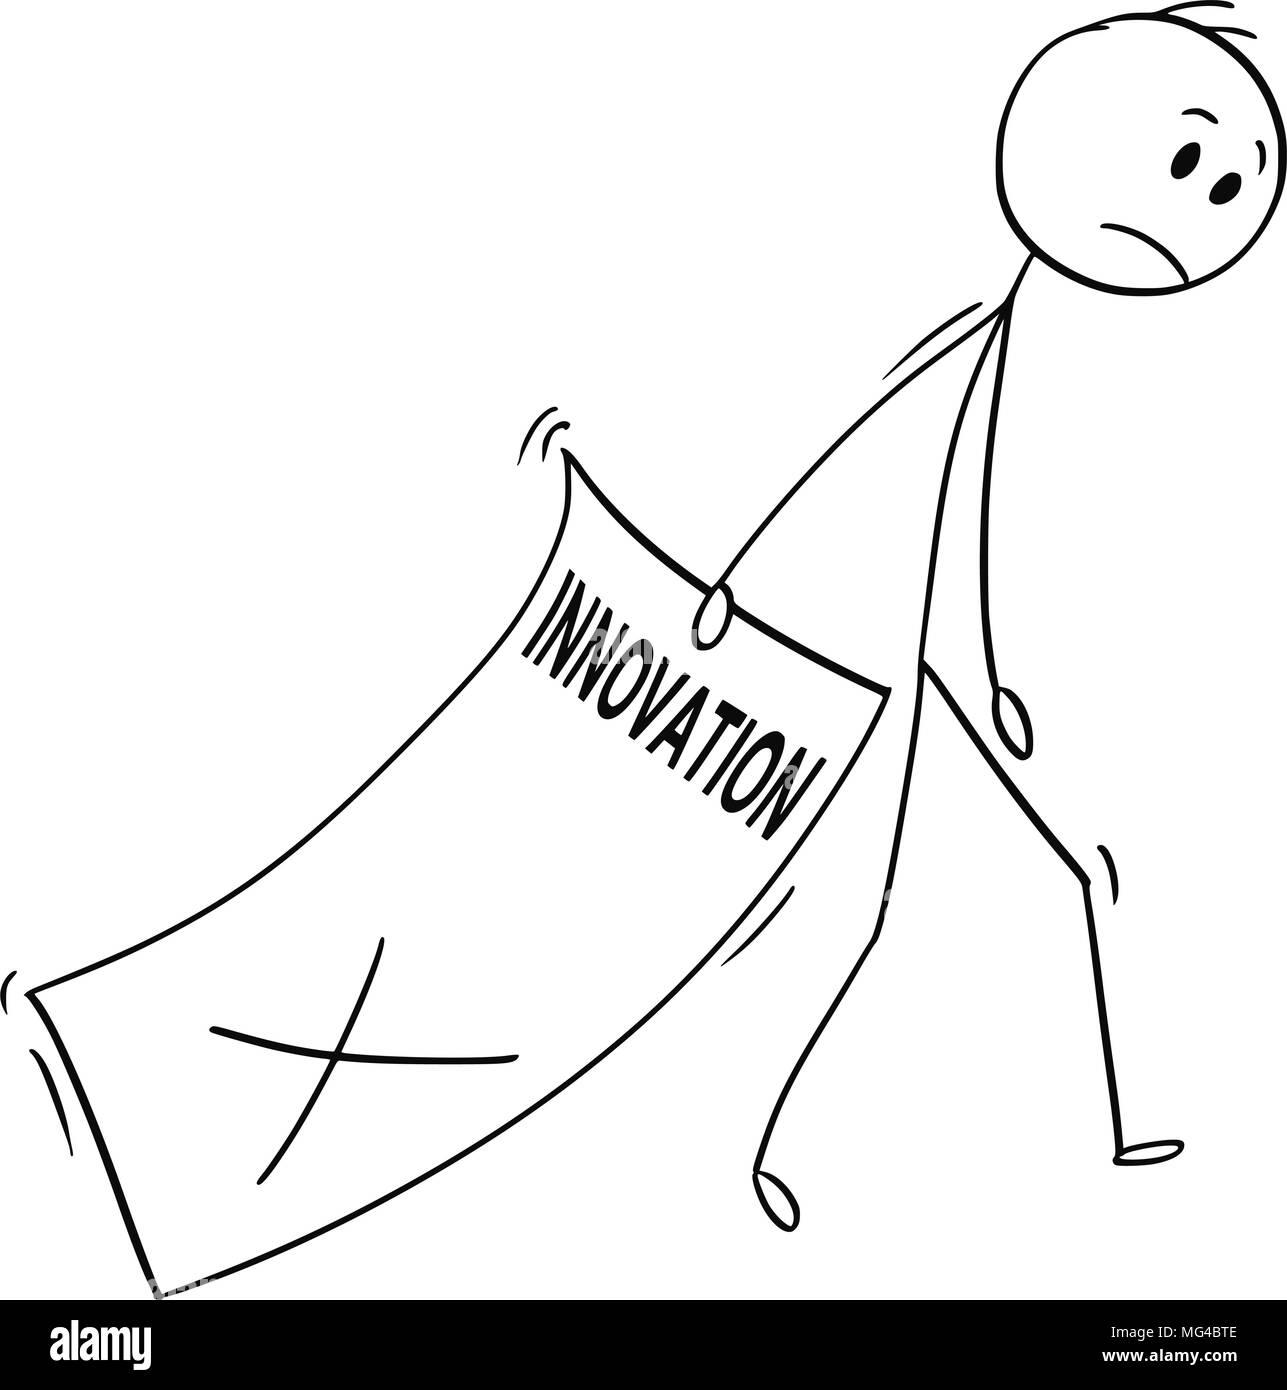 Caricature de l'homme triste des grandes feuilles de papier avec l'innovation rejetée Photo Stock